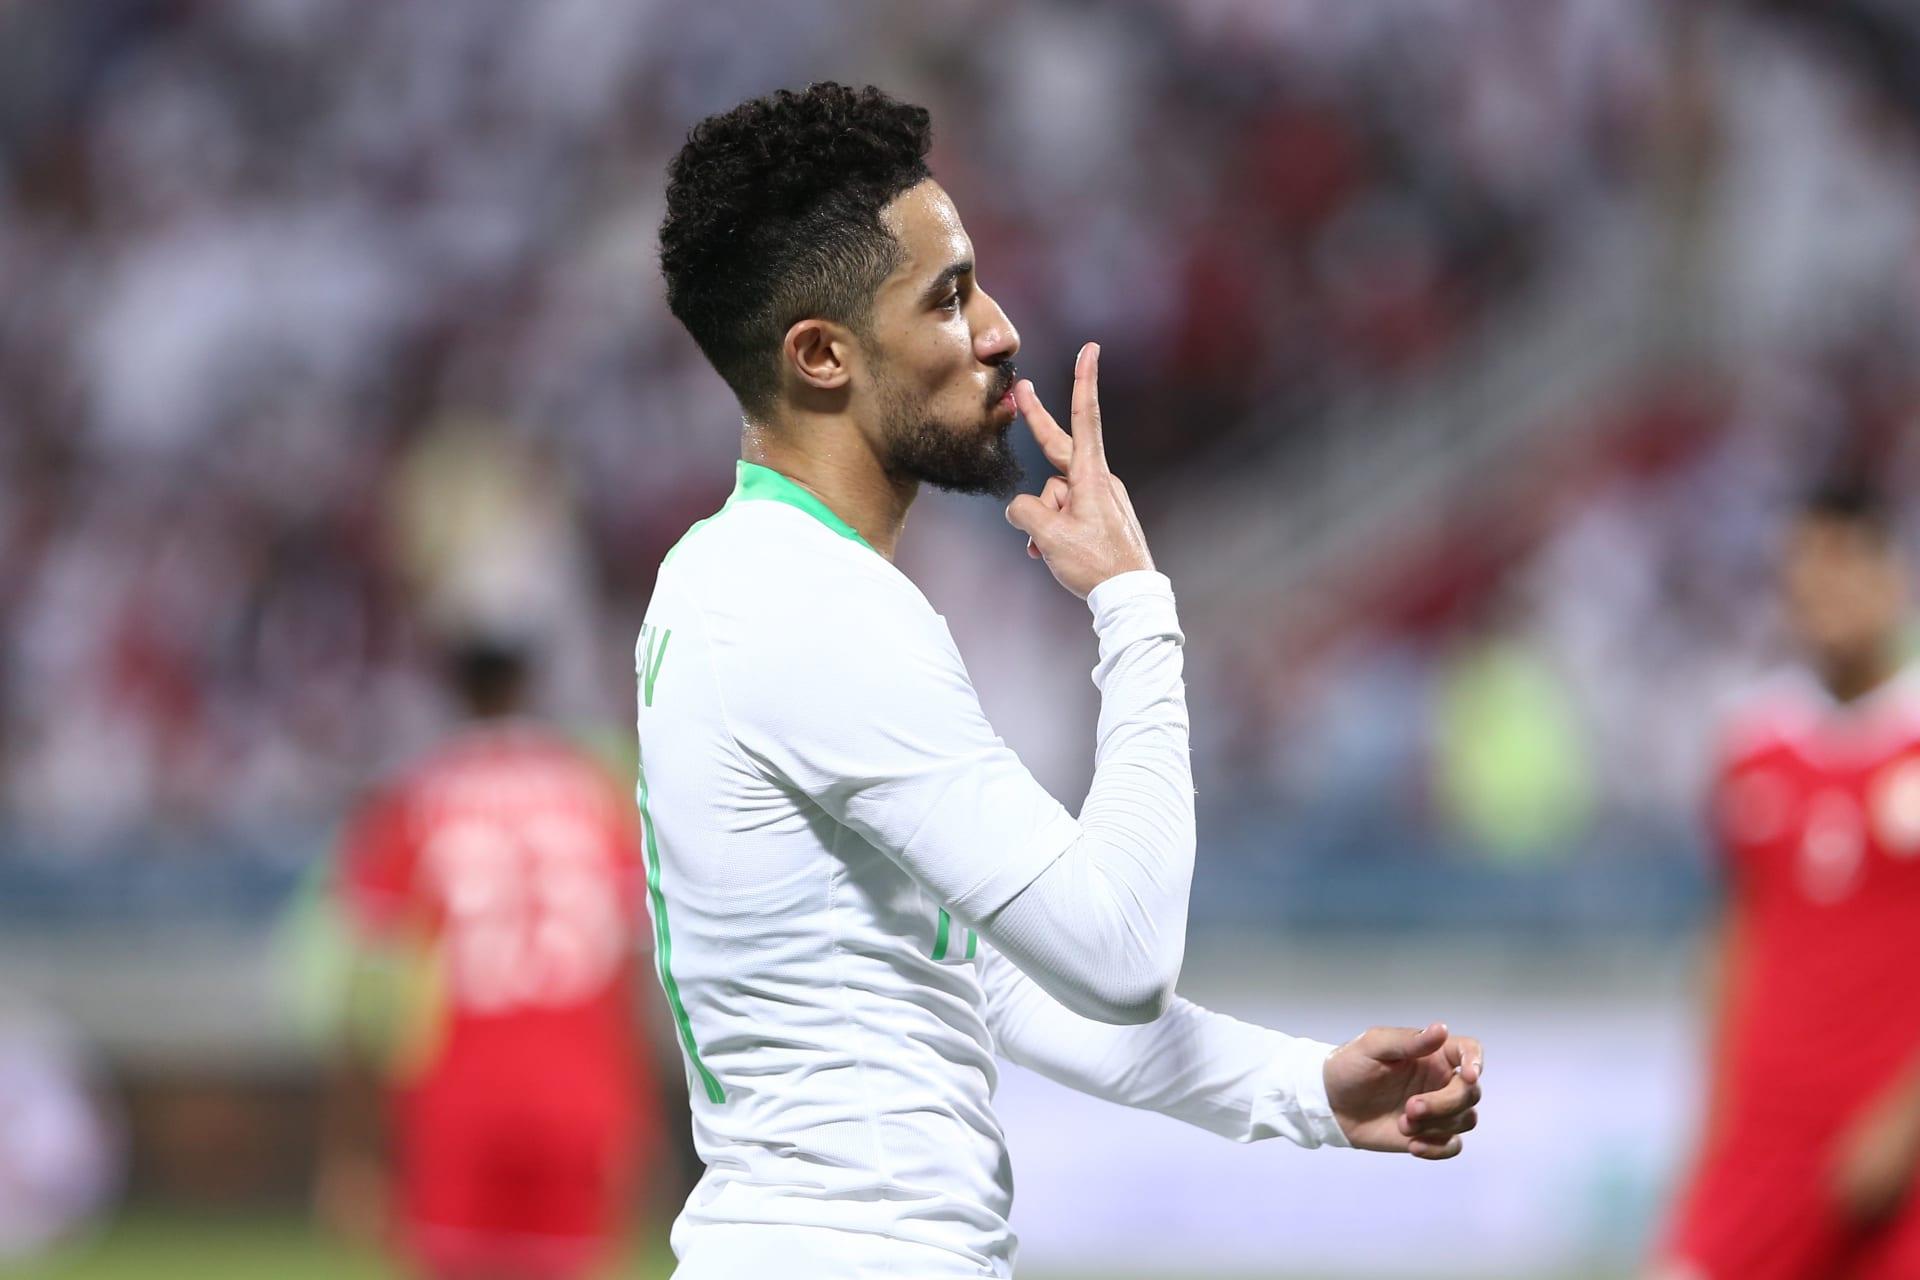 السعودية تحجز مقعدها في نصف النهائي وتضرب موعدا مع قطر